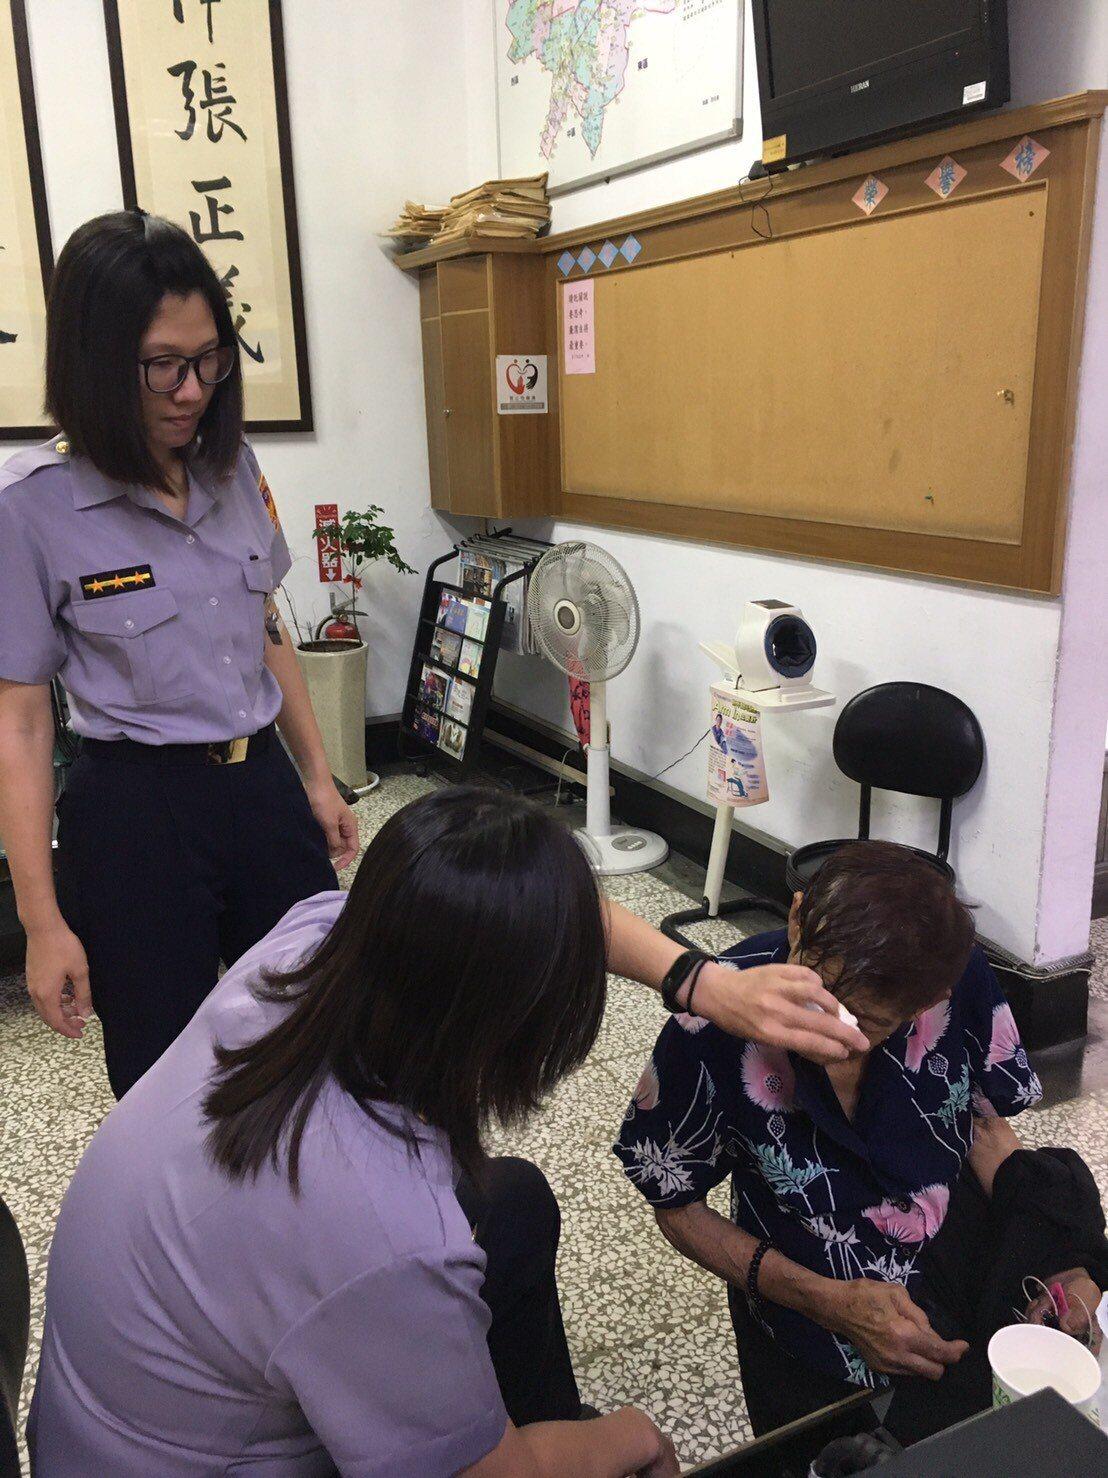 一中鳥蛋阿嬤頭髮濕,哭著走進派出所,女警為她擦乾髮。記者游振昇/翻攝